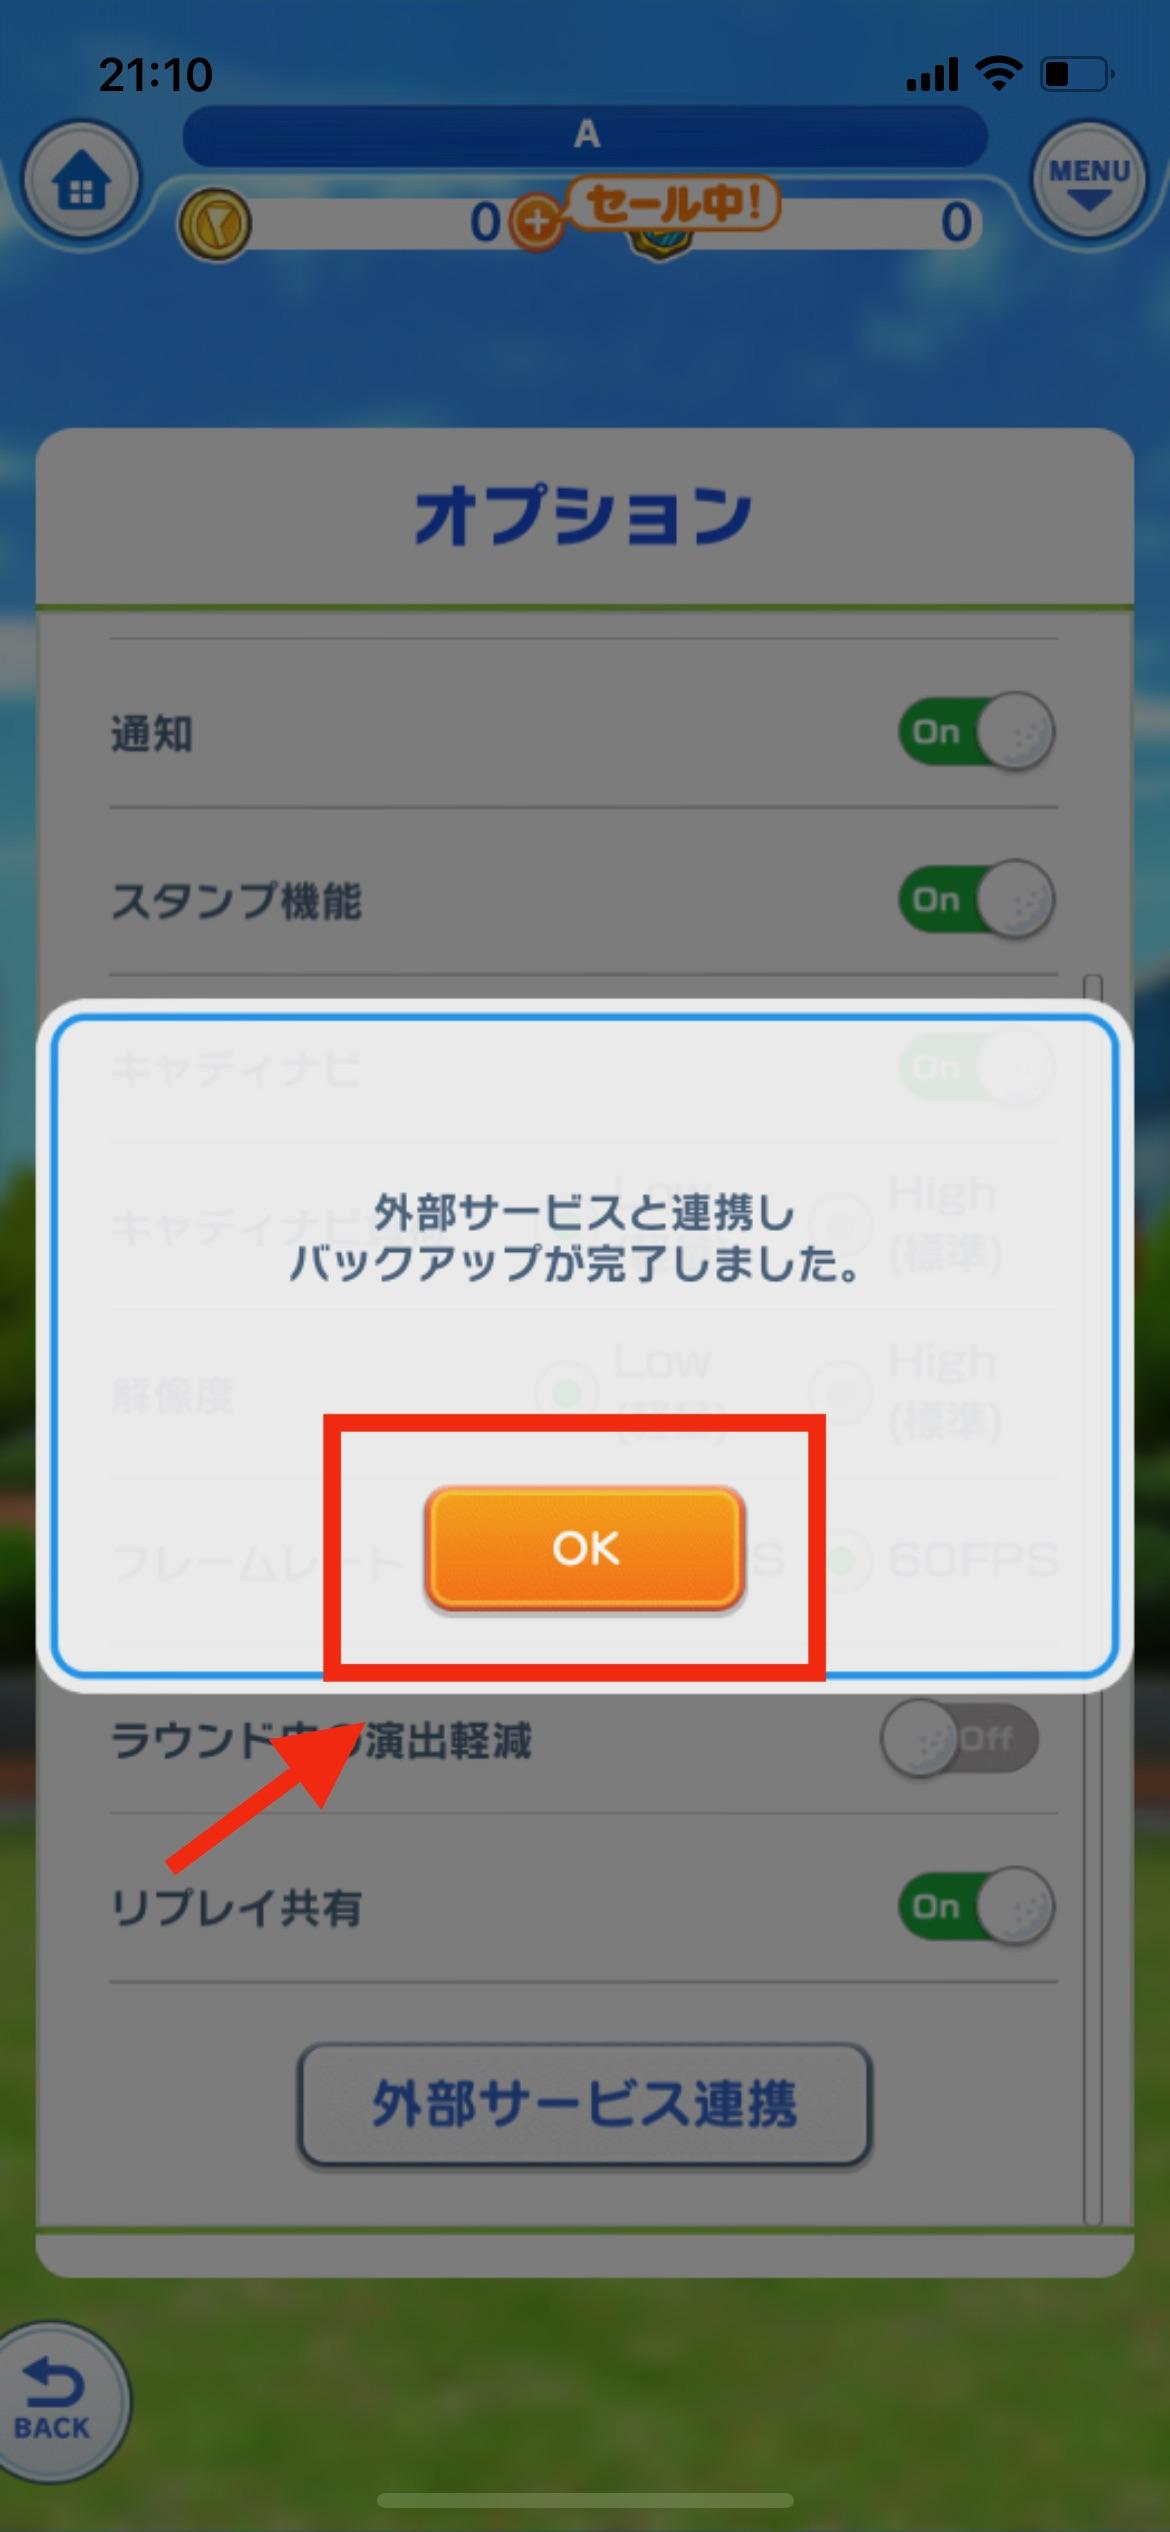 バックアップ完了後「OK」ボタンを押す